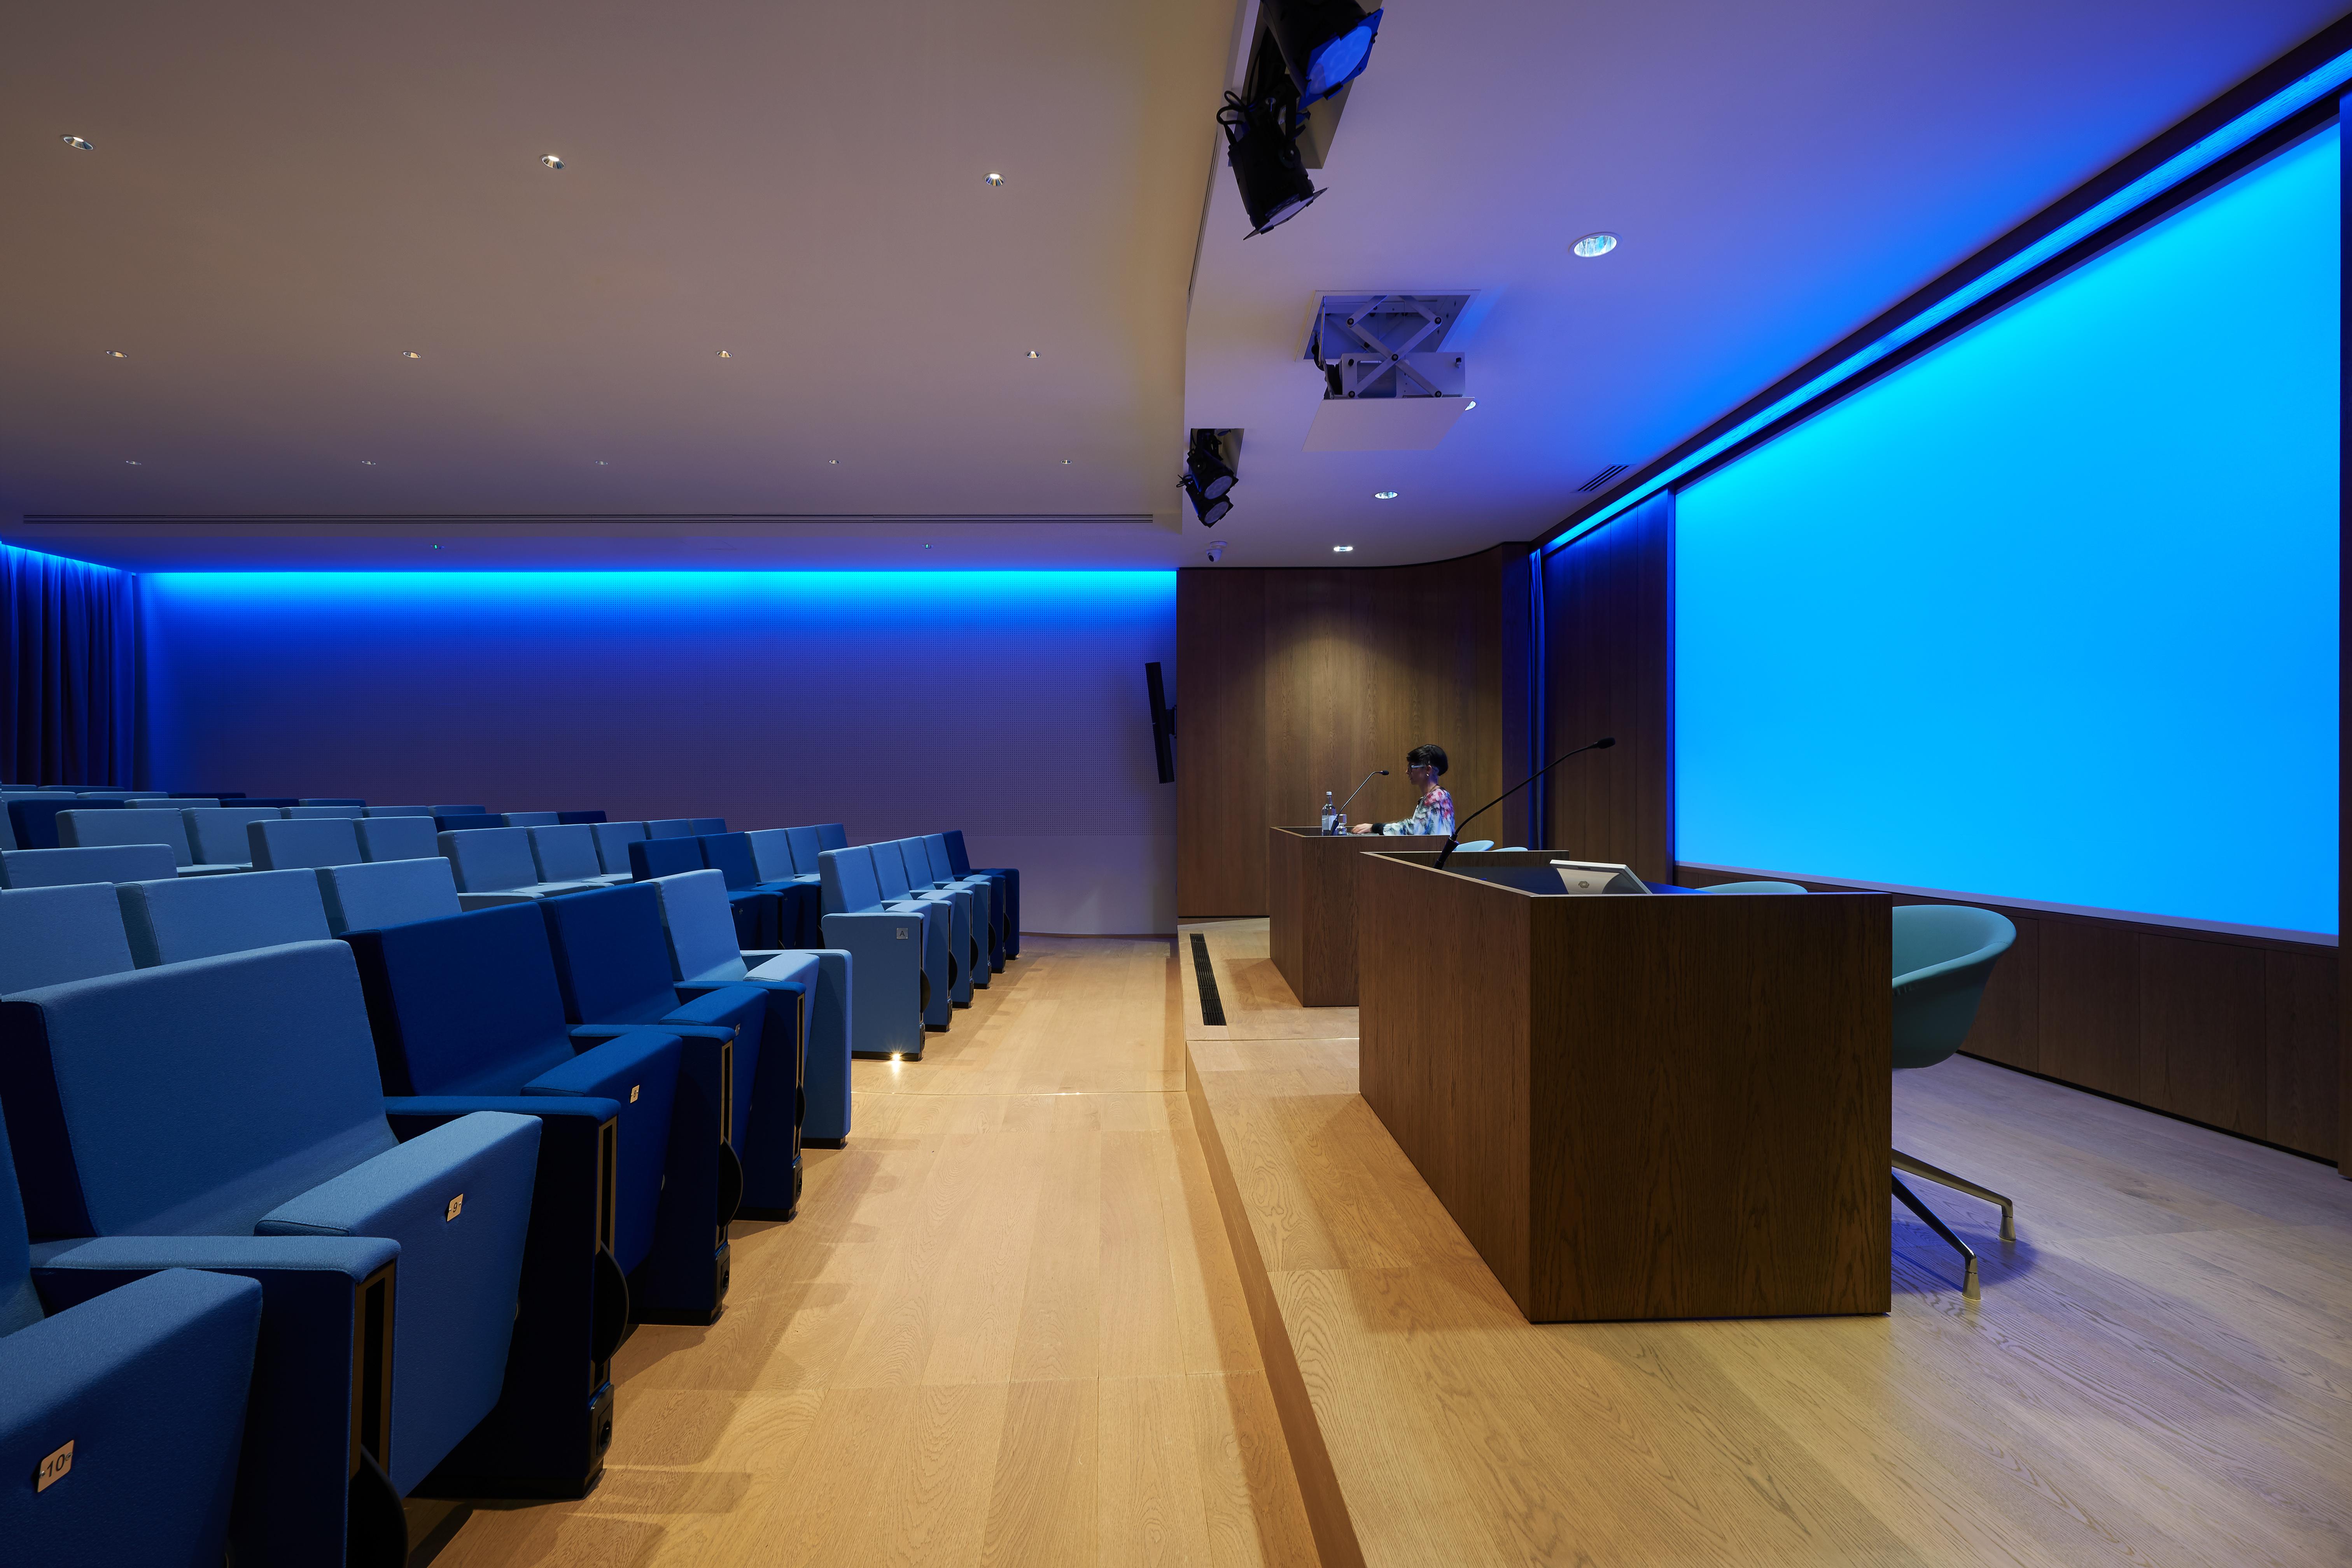 Nello spazio dell'Auditorium, curate sia le soluzioni per l'illuminazione dei piani visivi verticali del palco relatori, come per gli eventi conferenza l'illuminazione dei piani orizzontali realizzata con piccoli spot a fuoco arretrato